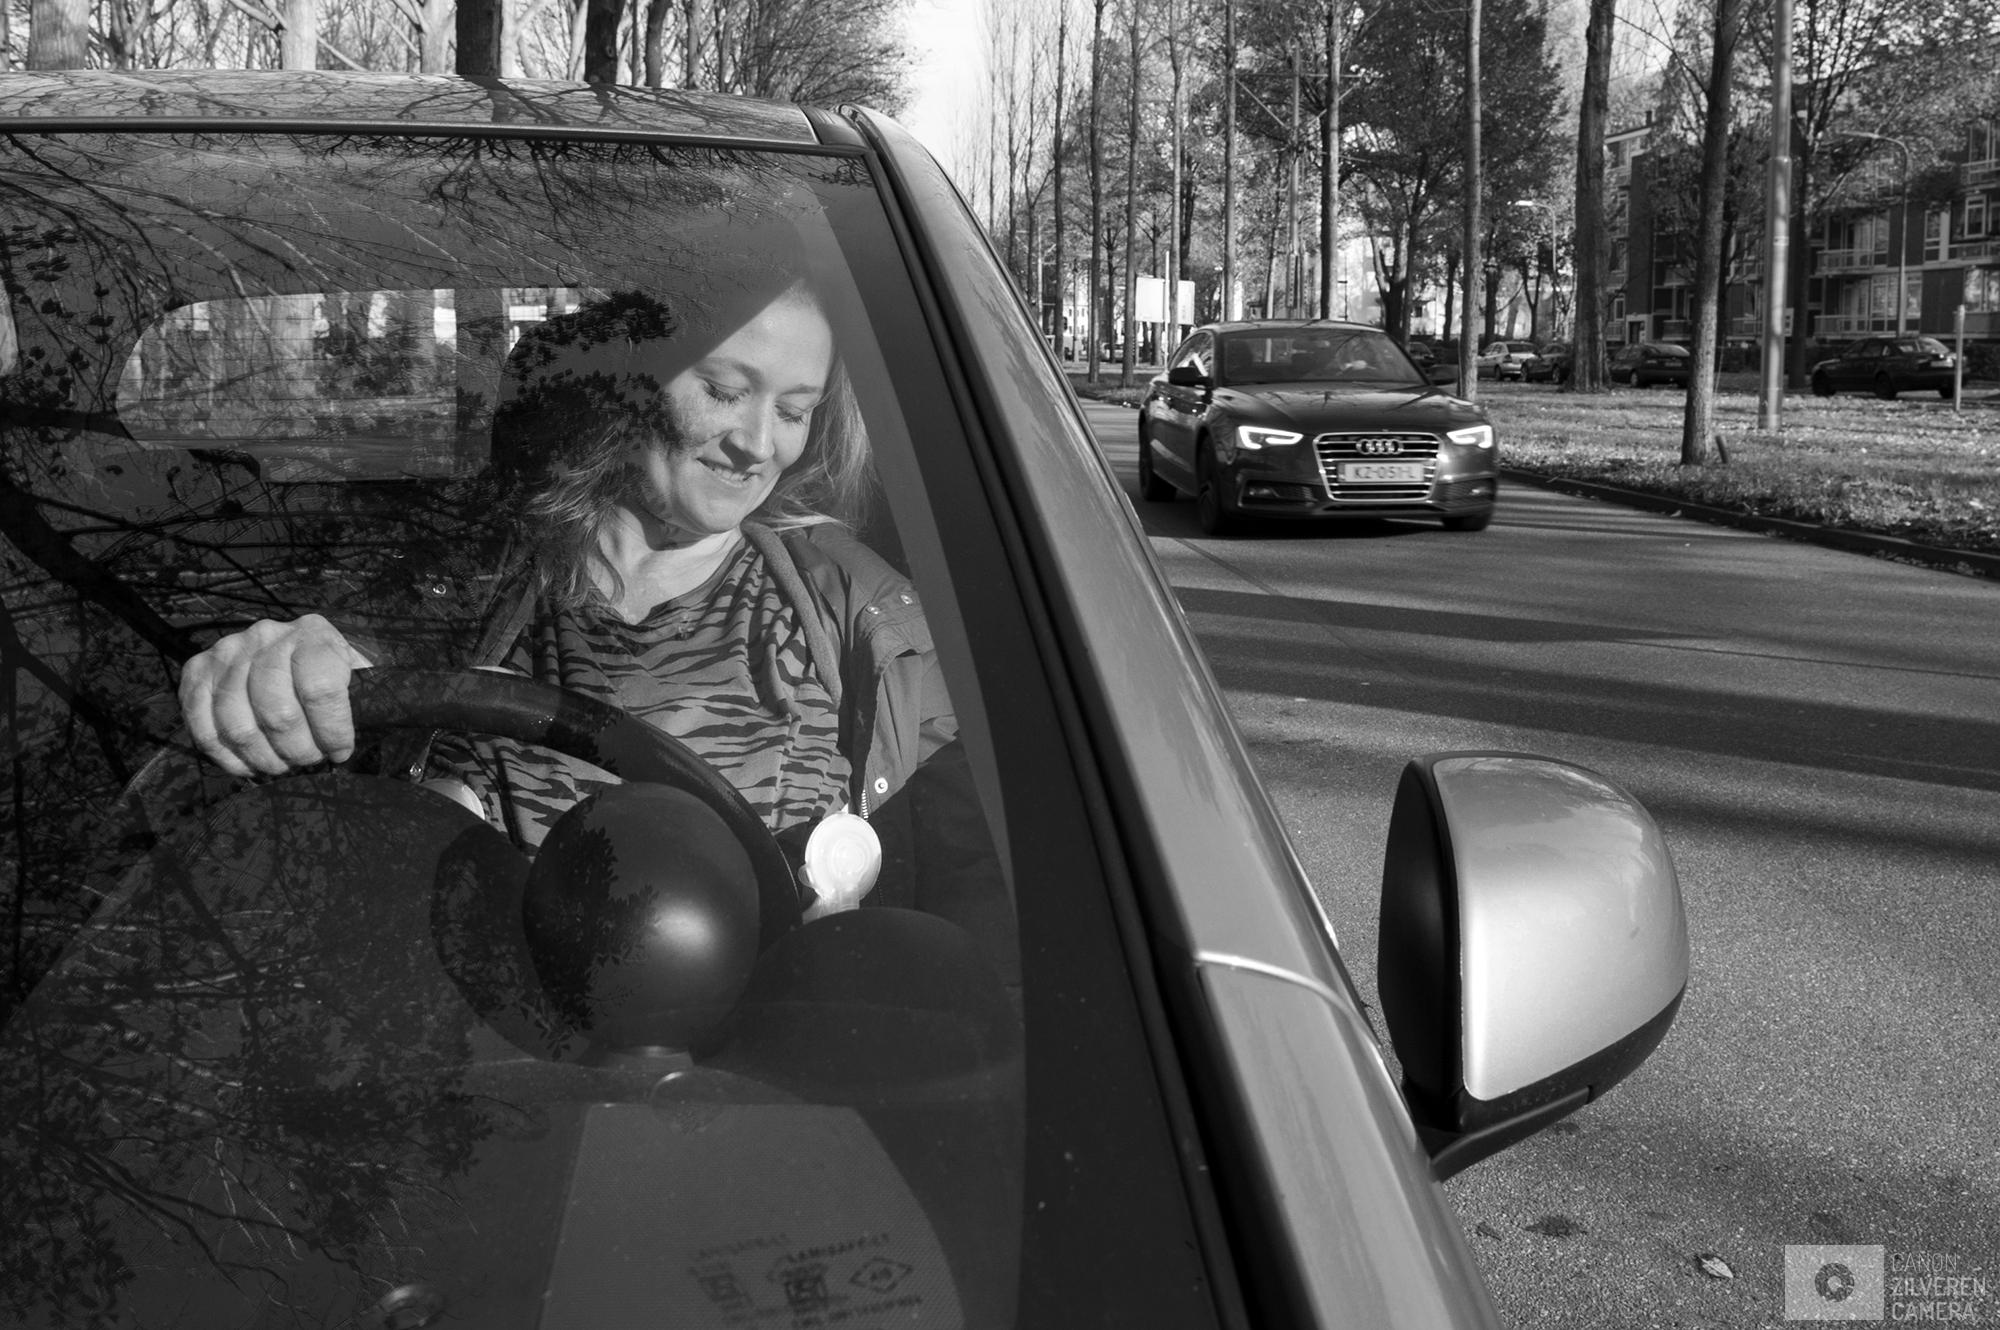 MiM, Rianne, woonbegeleider, Den Haag